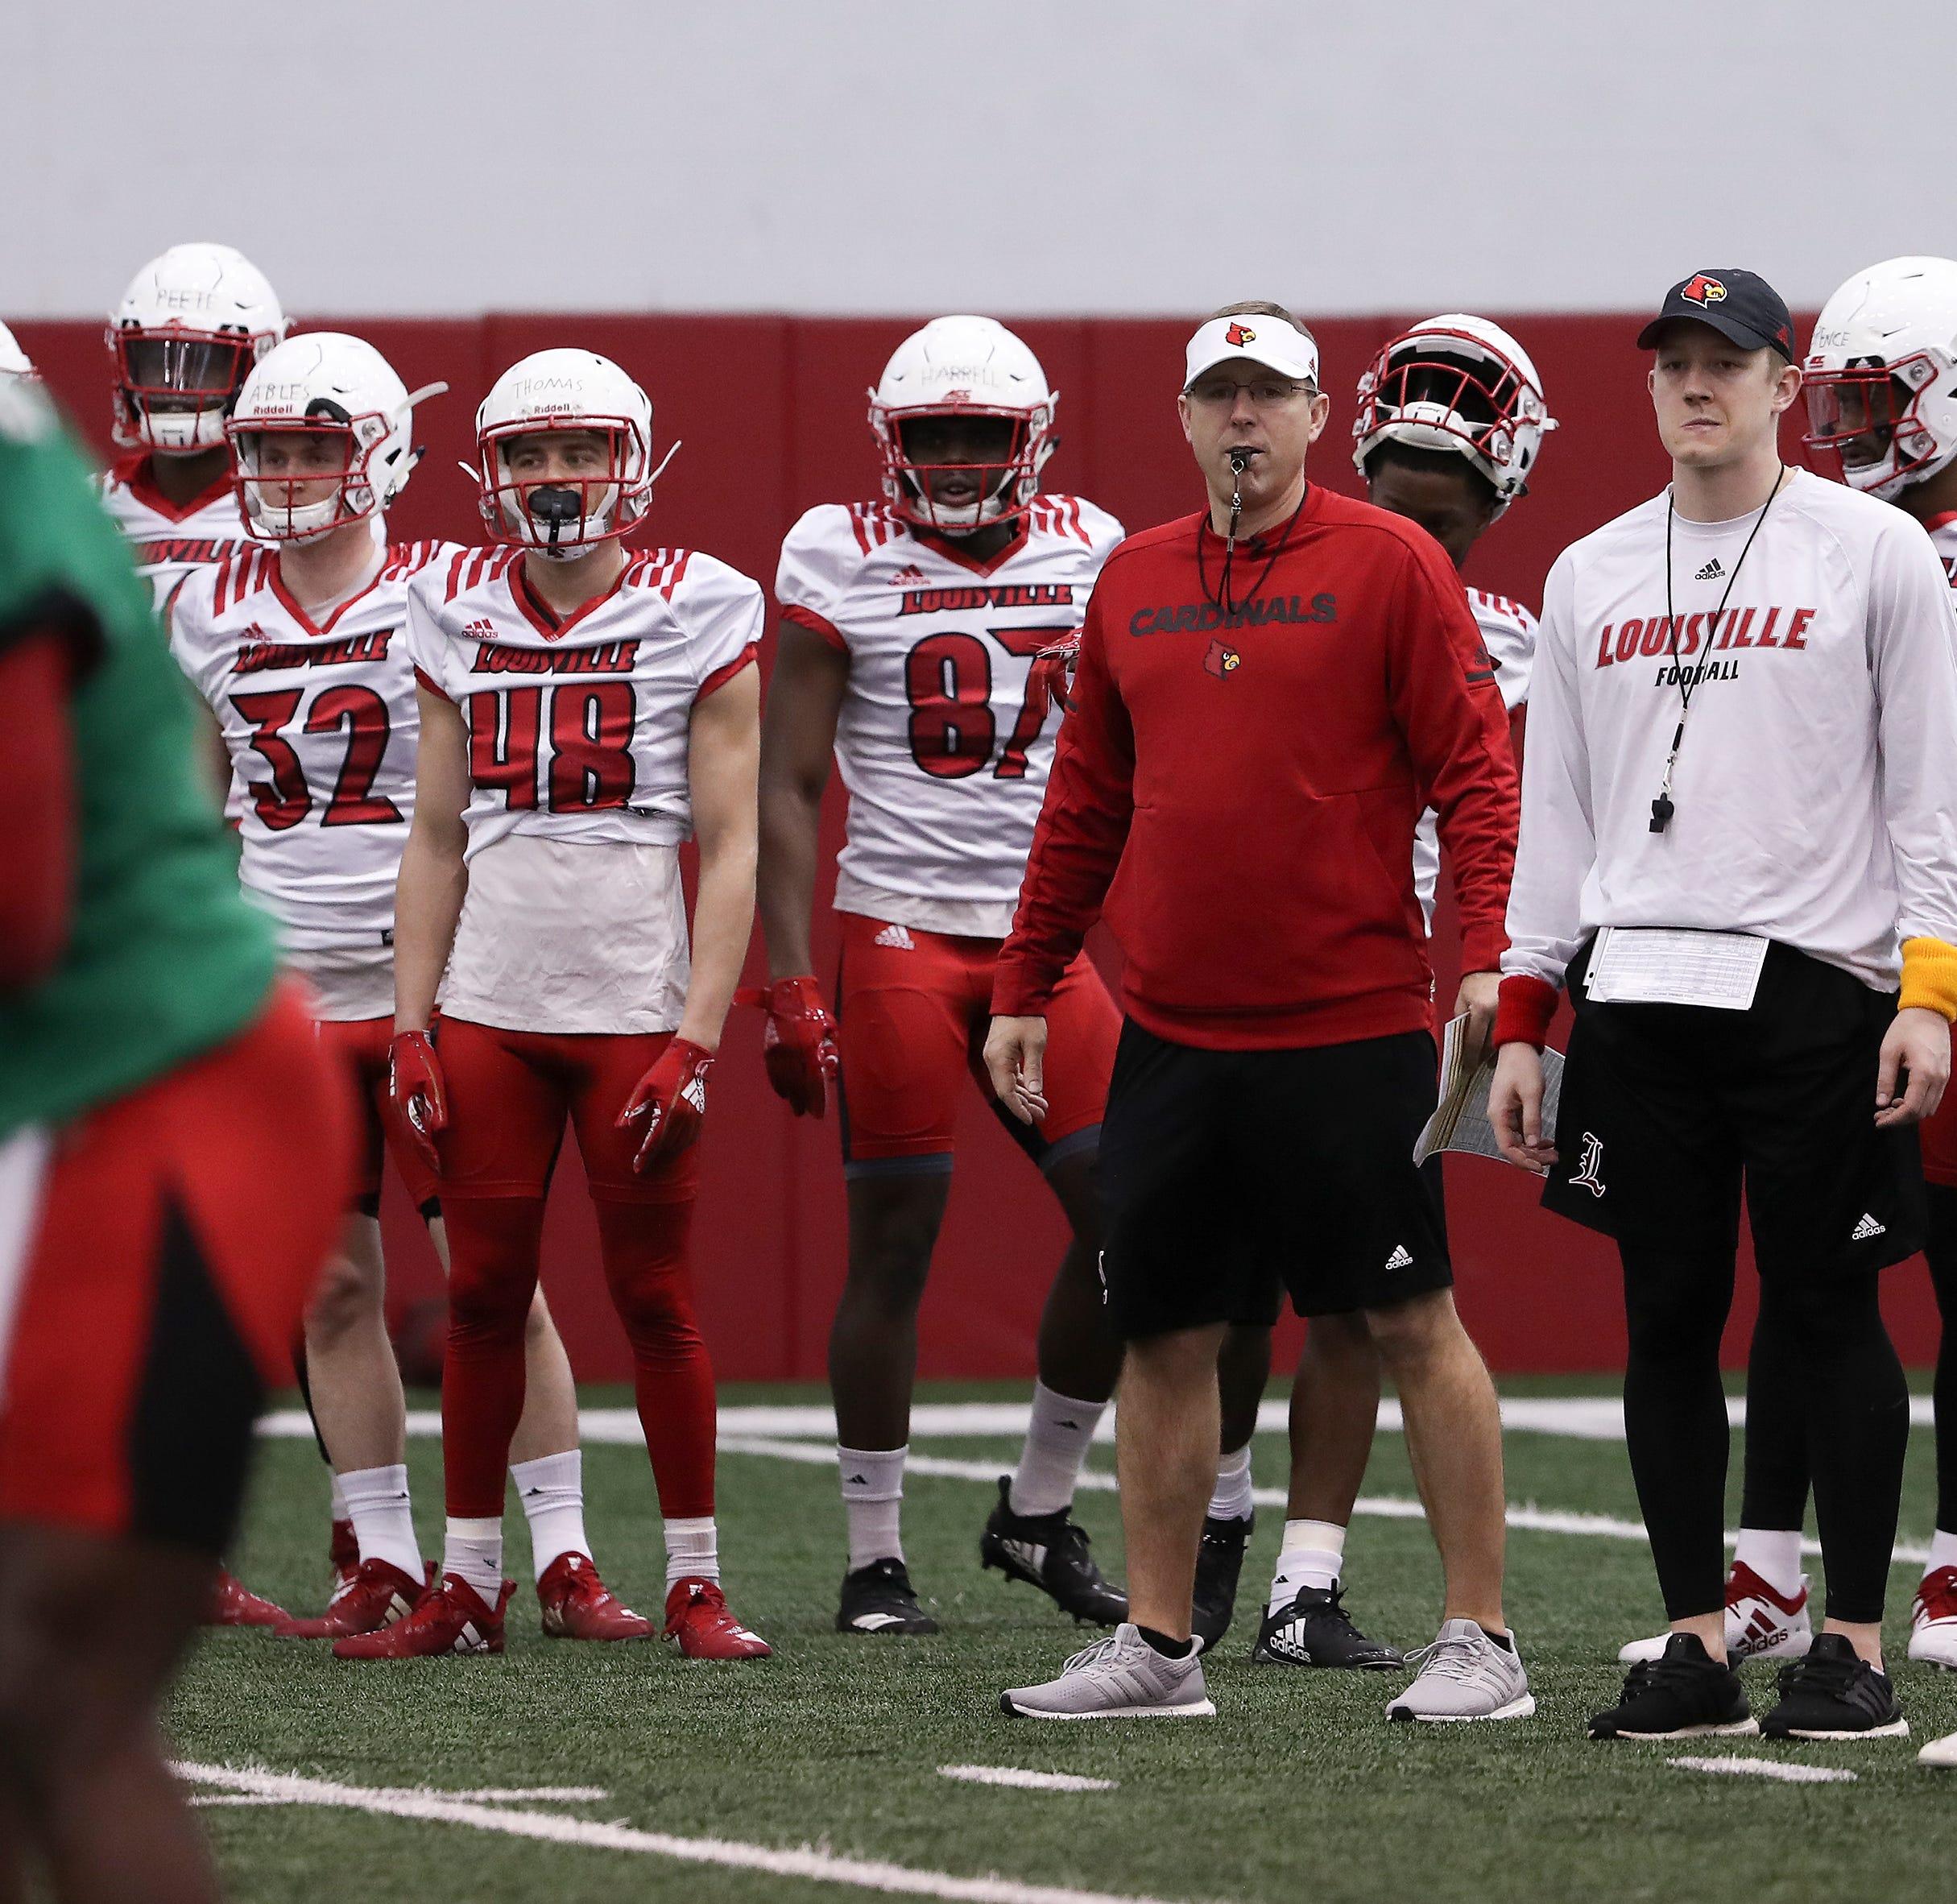 'You guys earned it': Louisville coach Scott Satterfield awards walk-ons scholarships